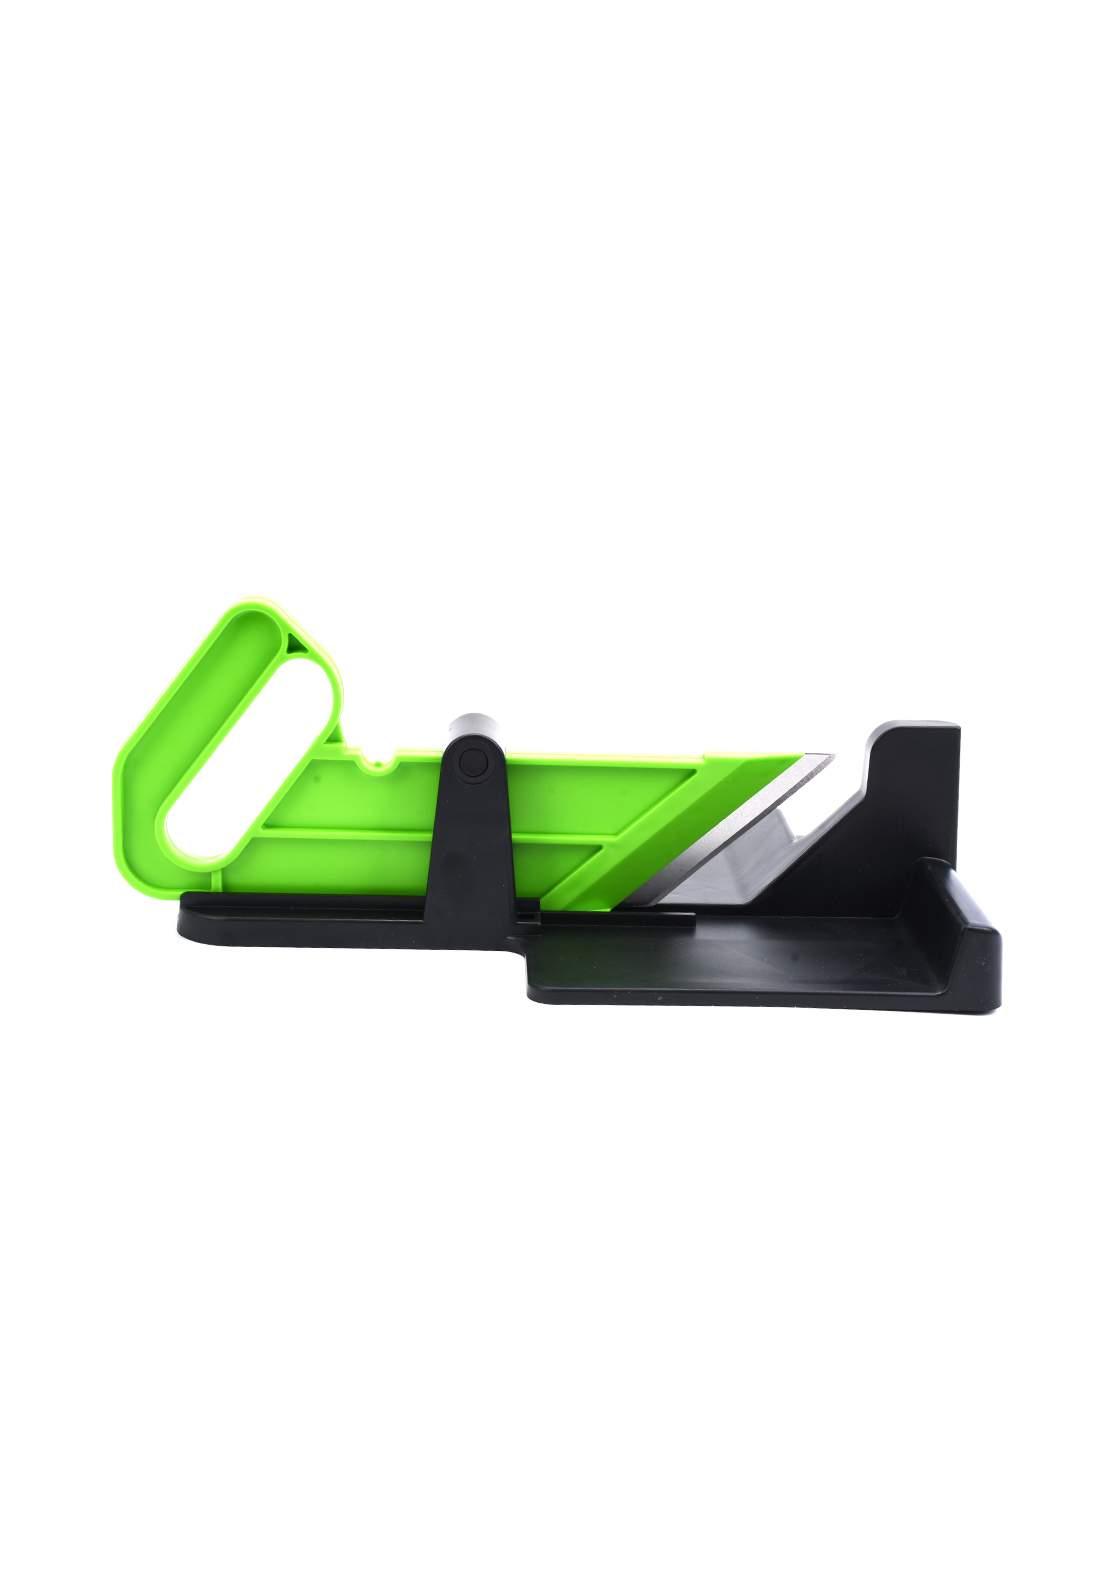 Aperi Coupe - Kitchen Gadget  قطاعة